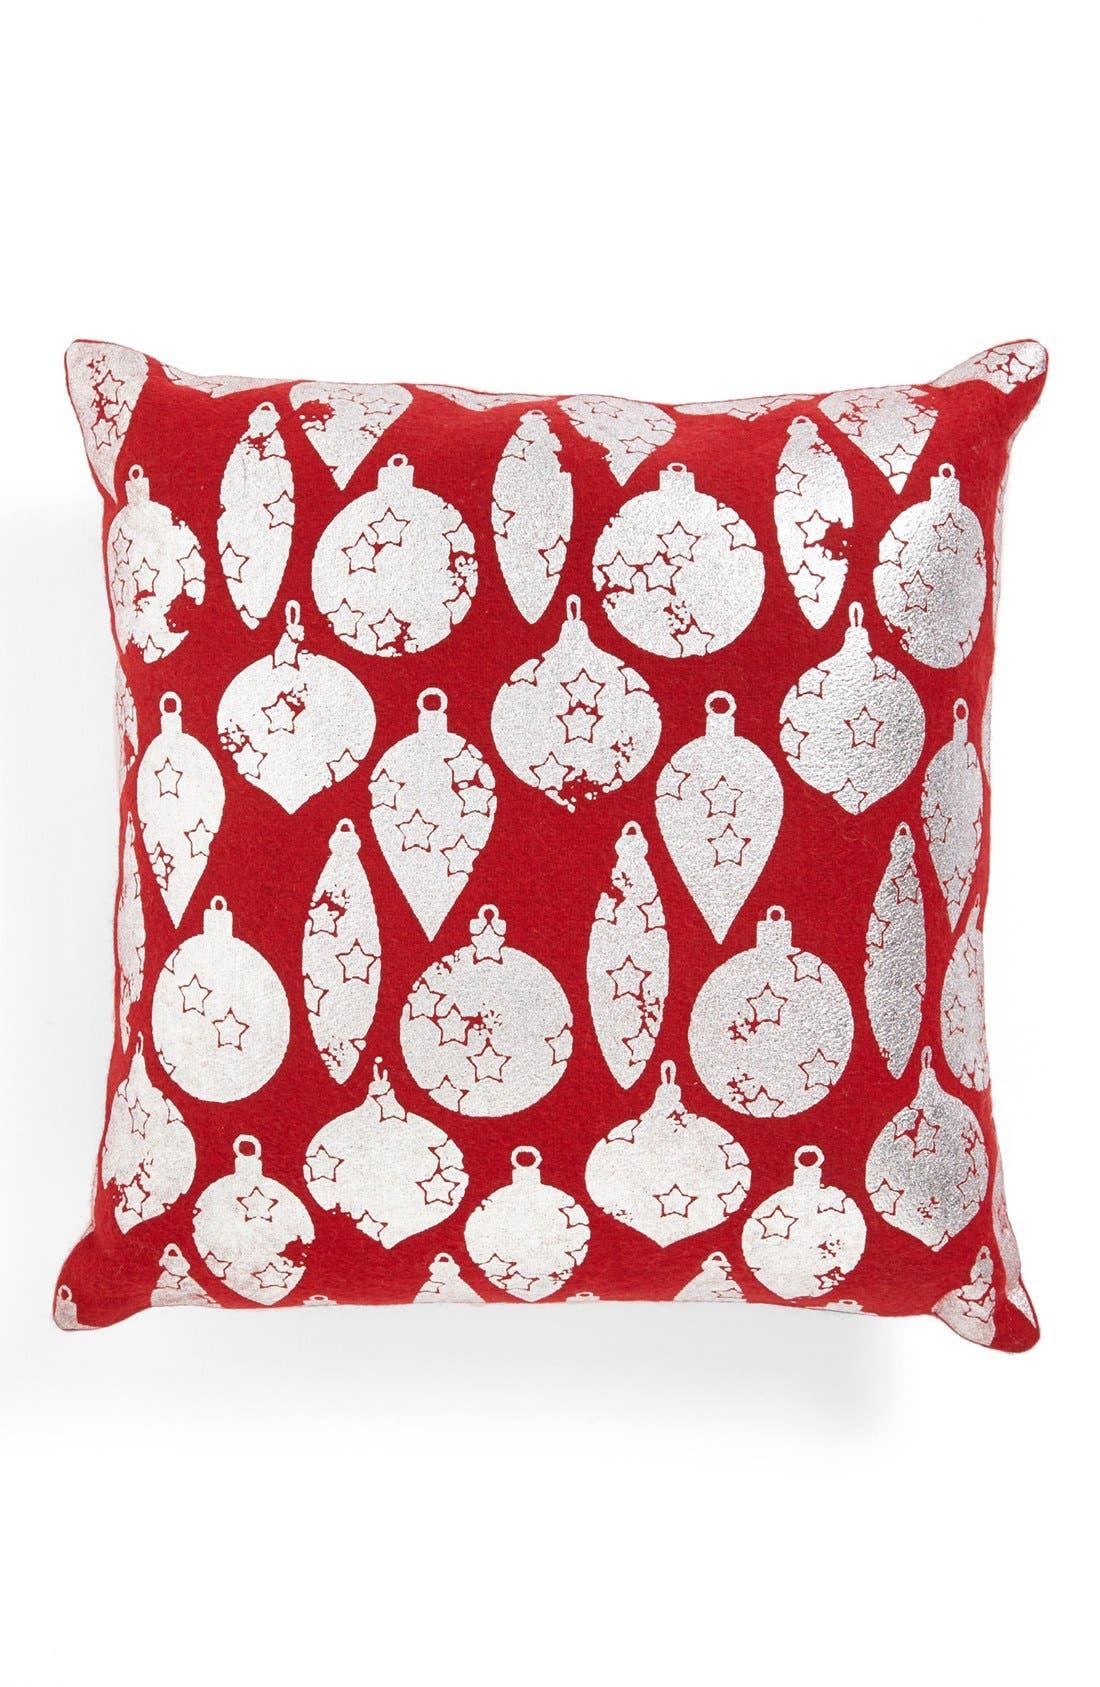 Main Image - Shiraleah Ornaments Square Pillow